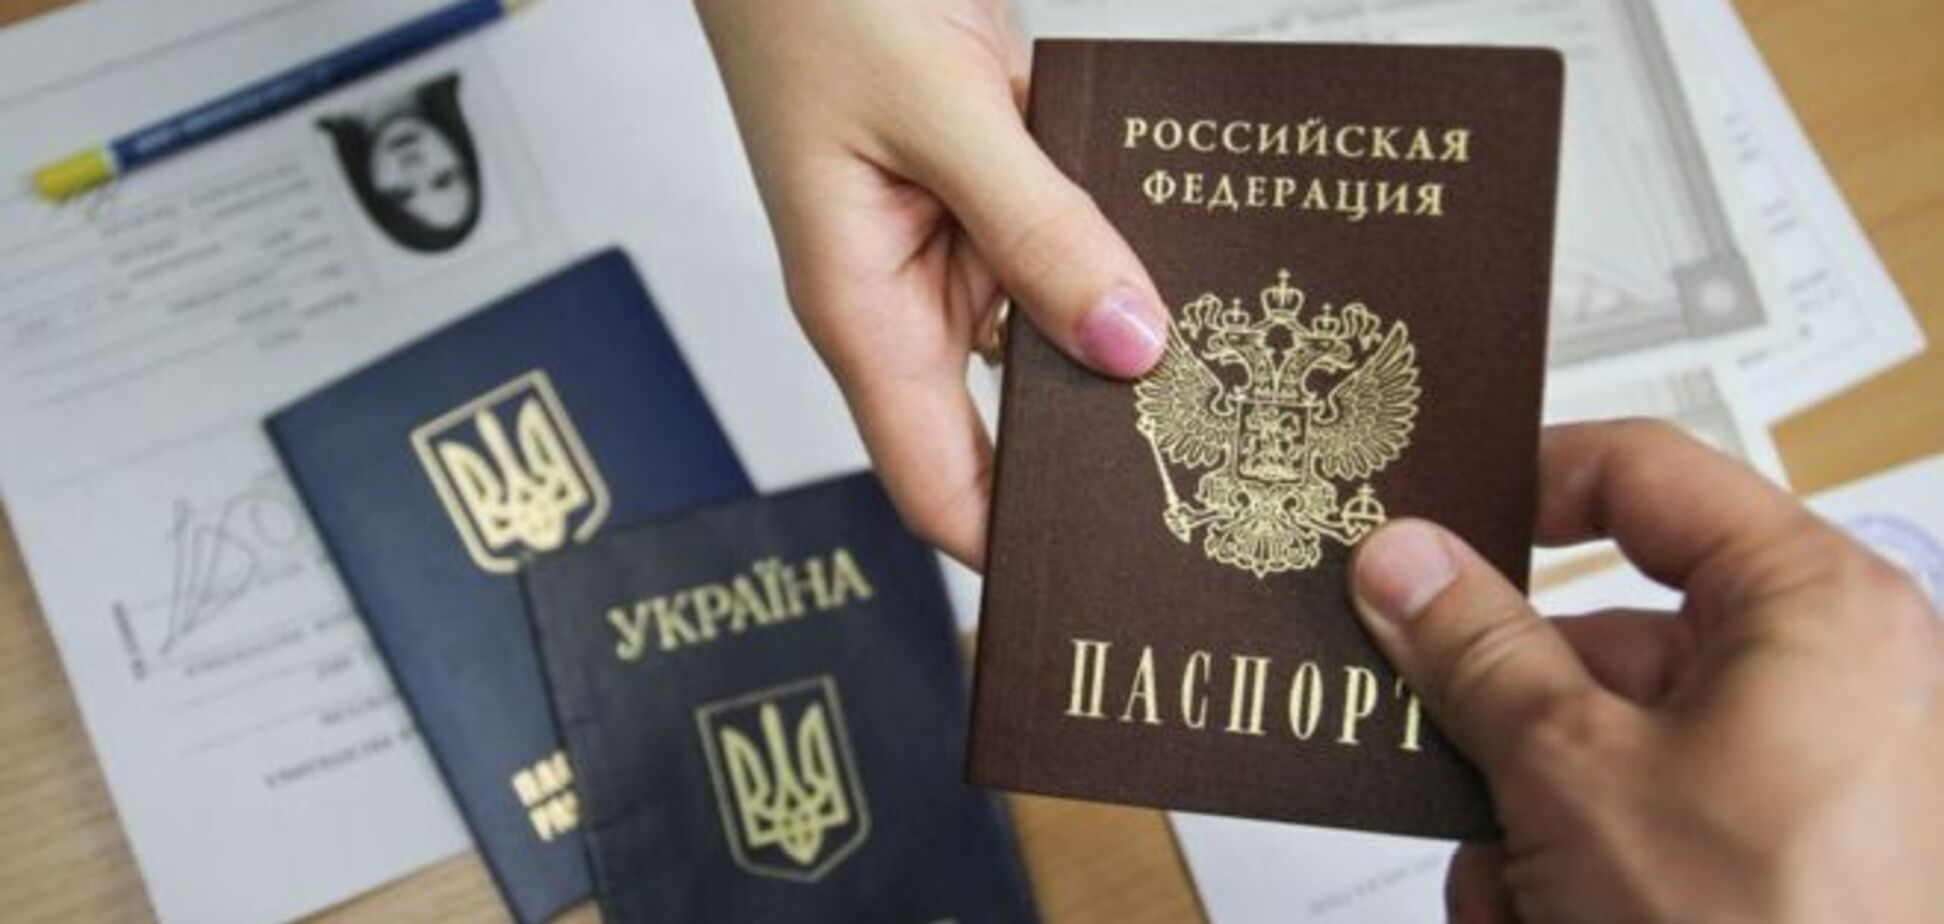 Еще одна страна ЕС выступила против России из-за паспортов на Донбассе